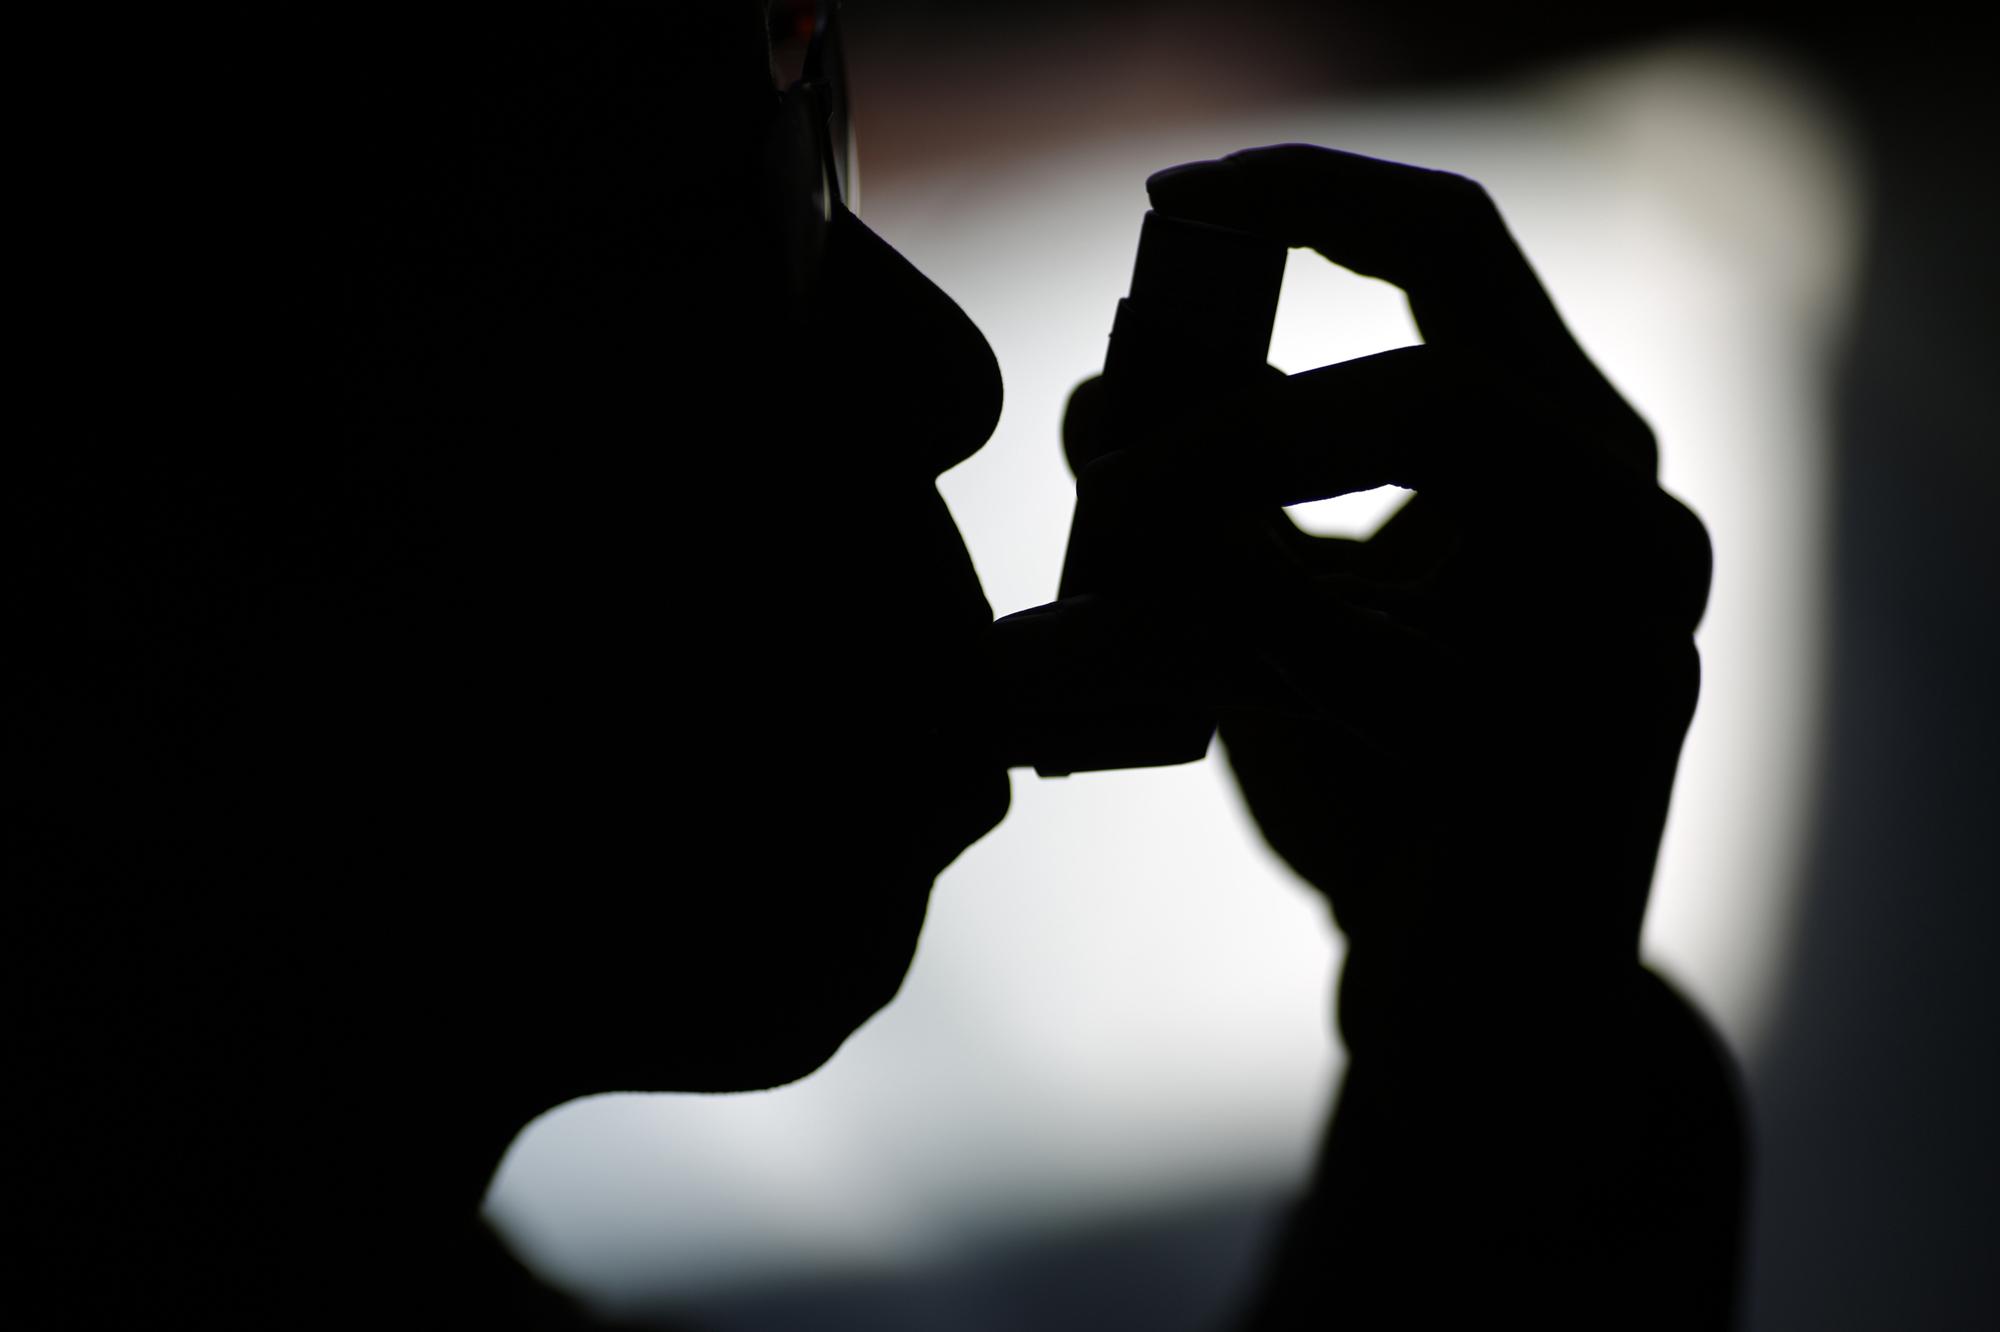 Santé - Vers un nouveau traitement pour l'asthme sévère